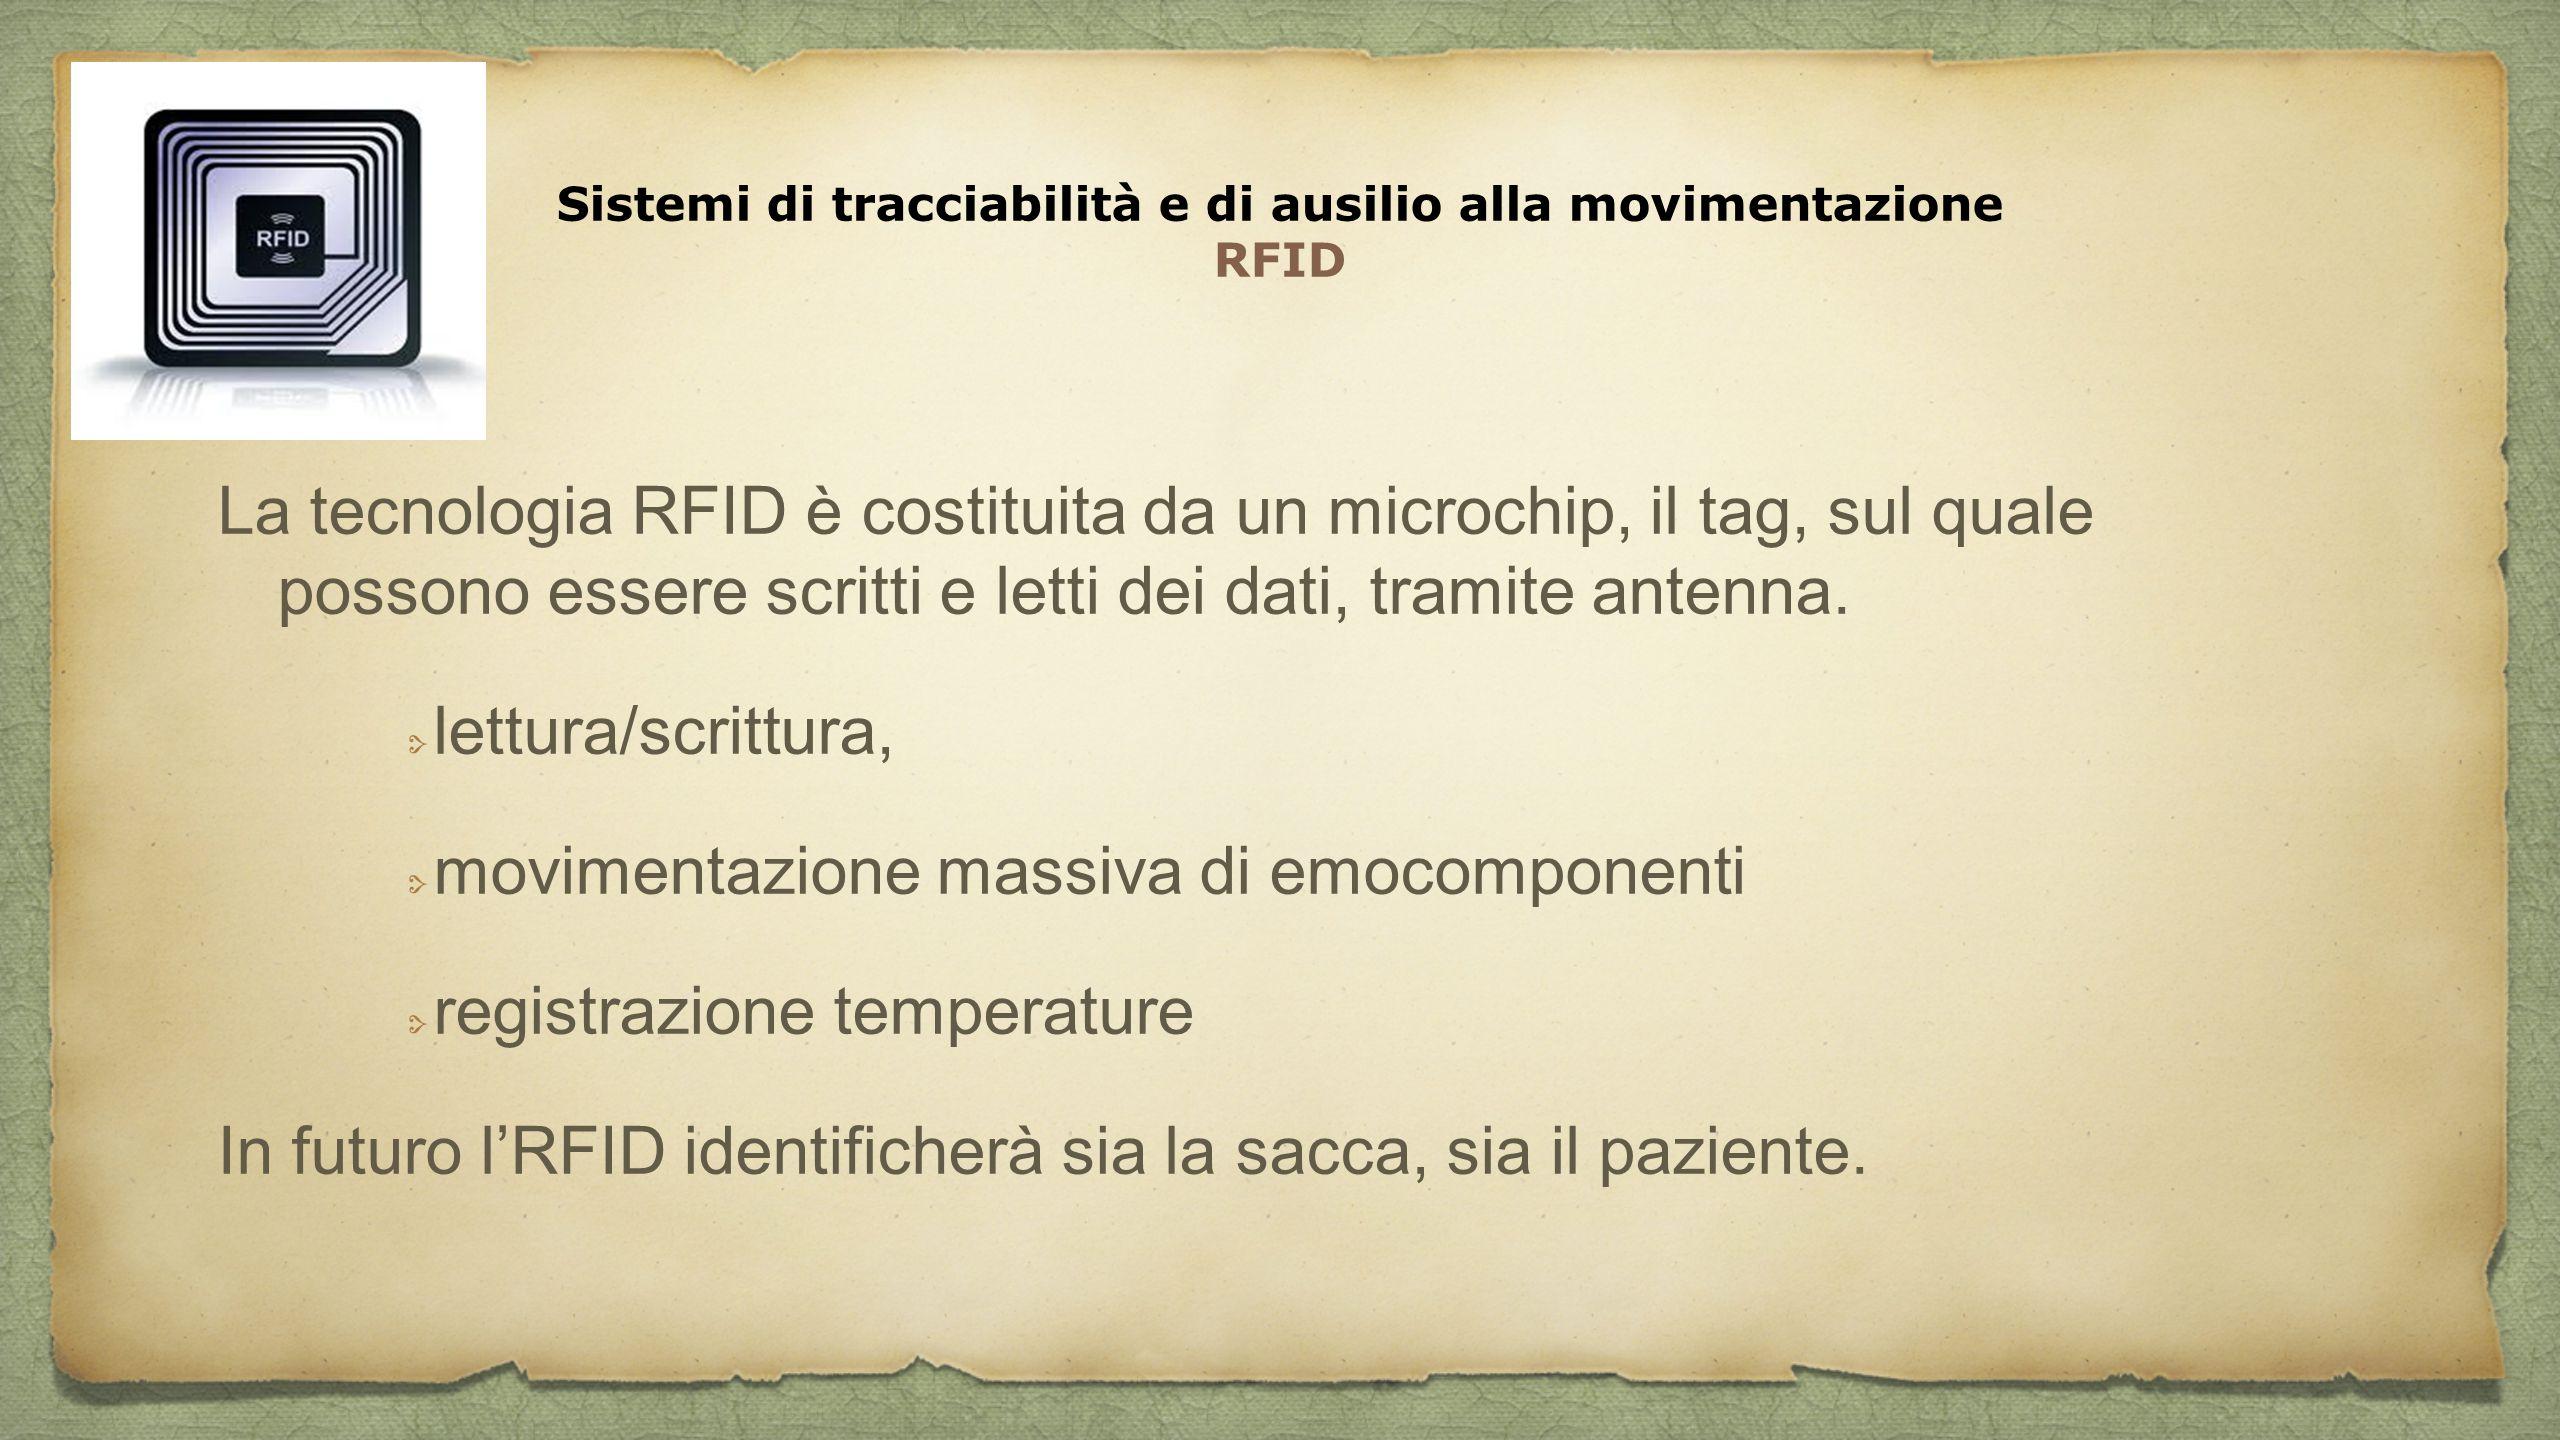 Sistemi di tracciabilità e di ausilio alla movimentazione RFID